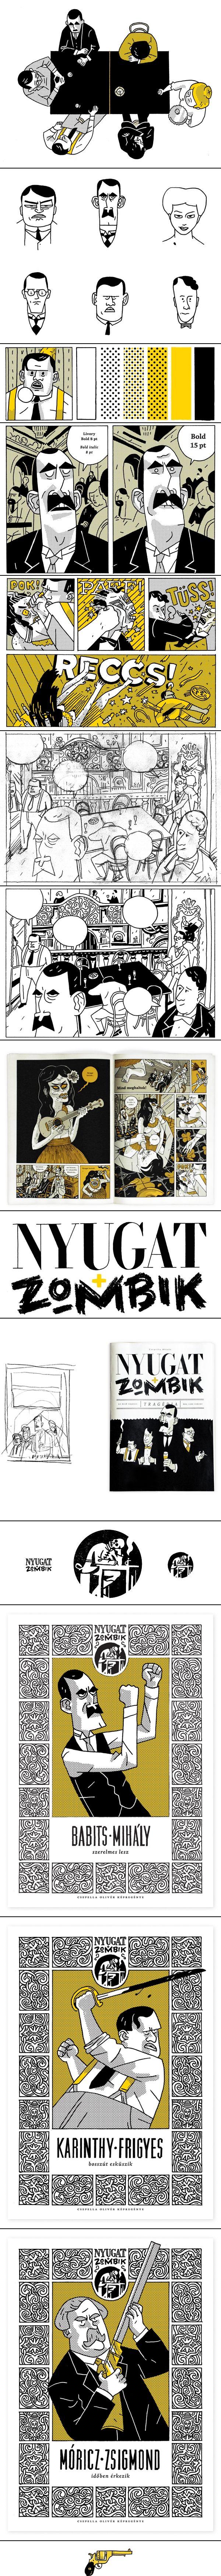 Nyugat + Zombik - created via http://pinthemall.net